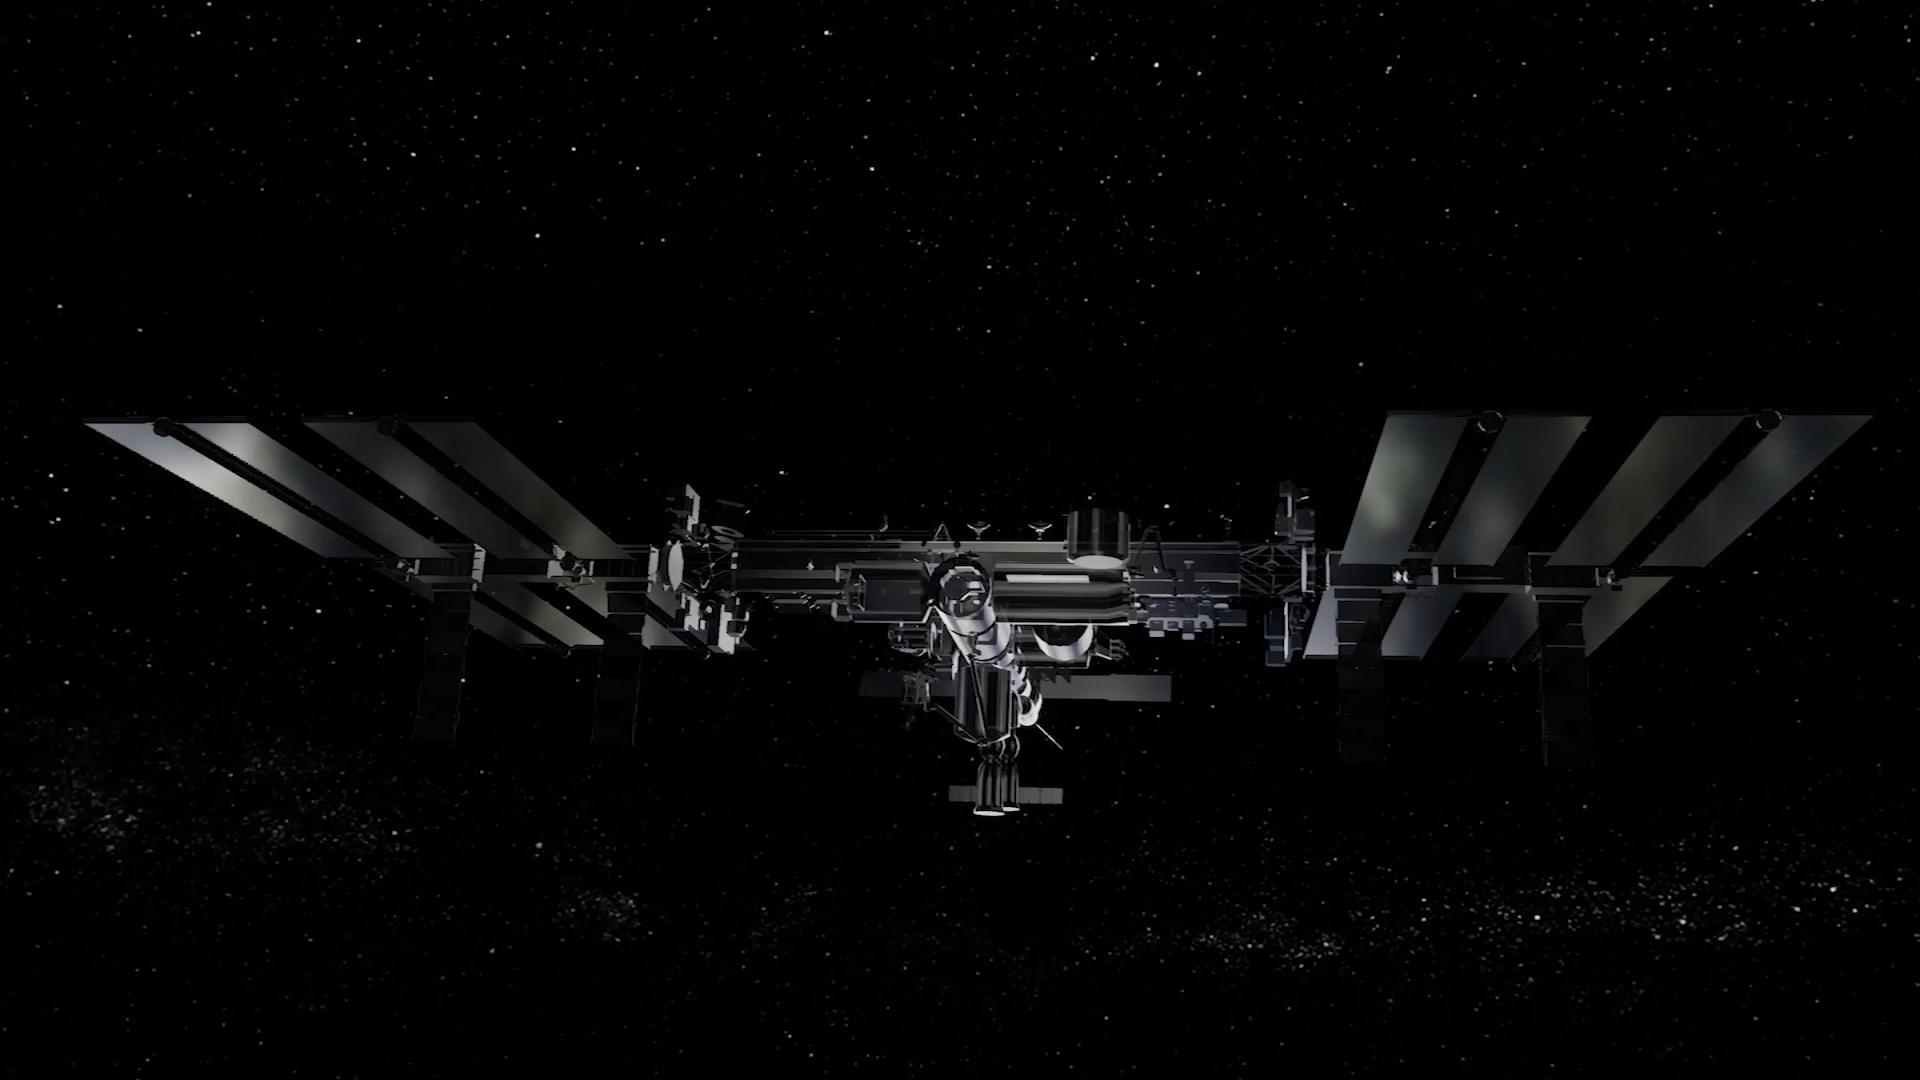 Simulation en temps réel de la Station spatiale internationale